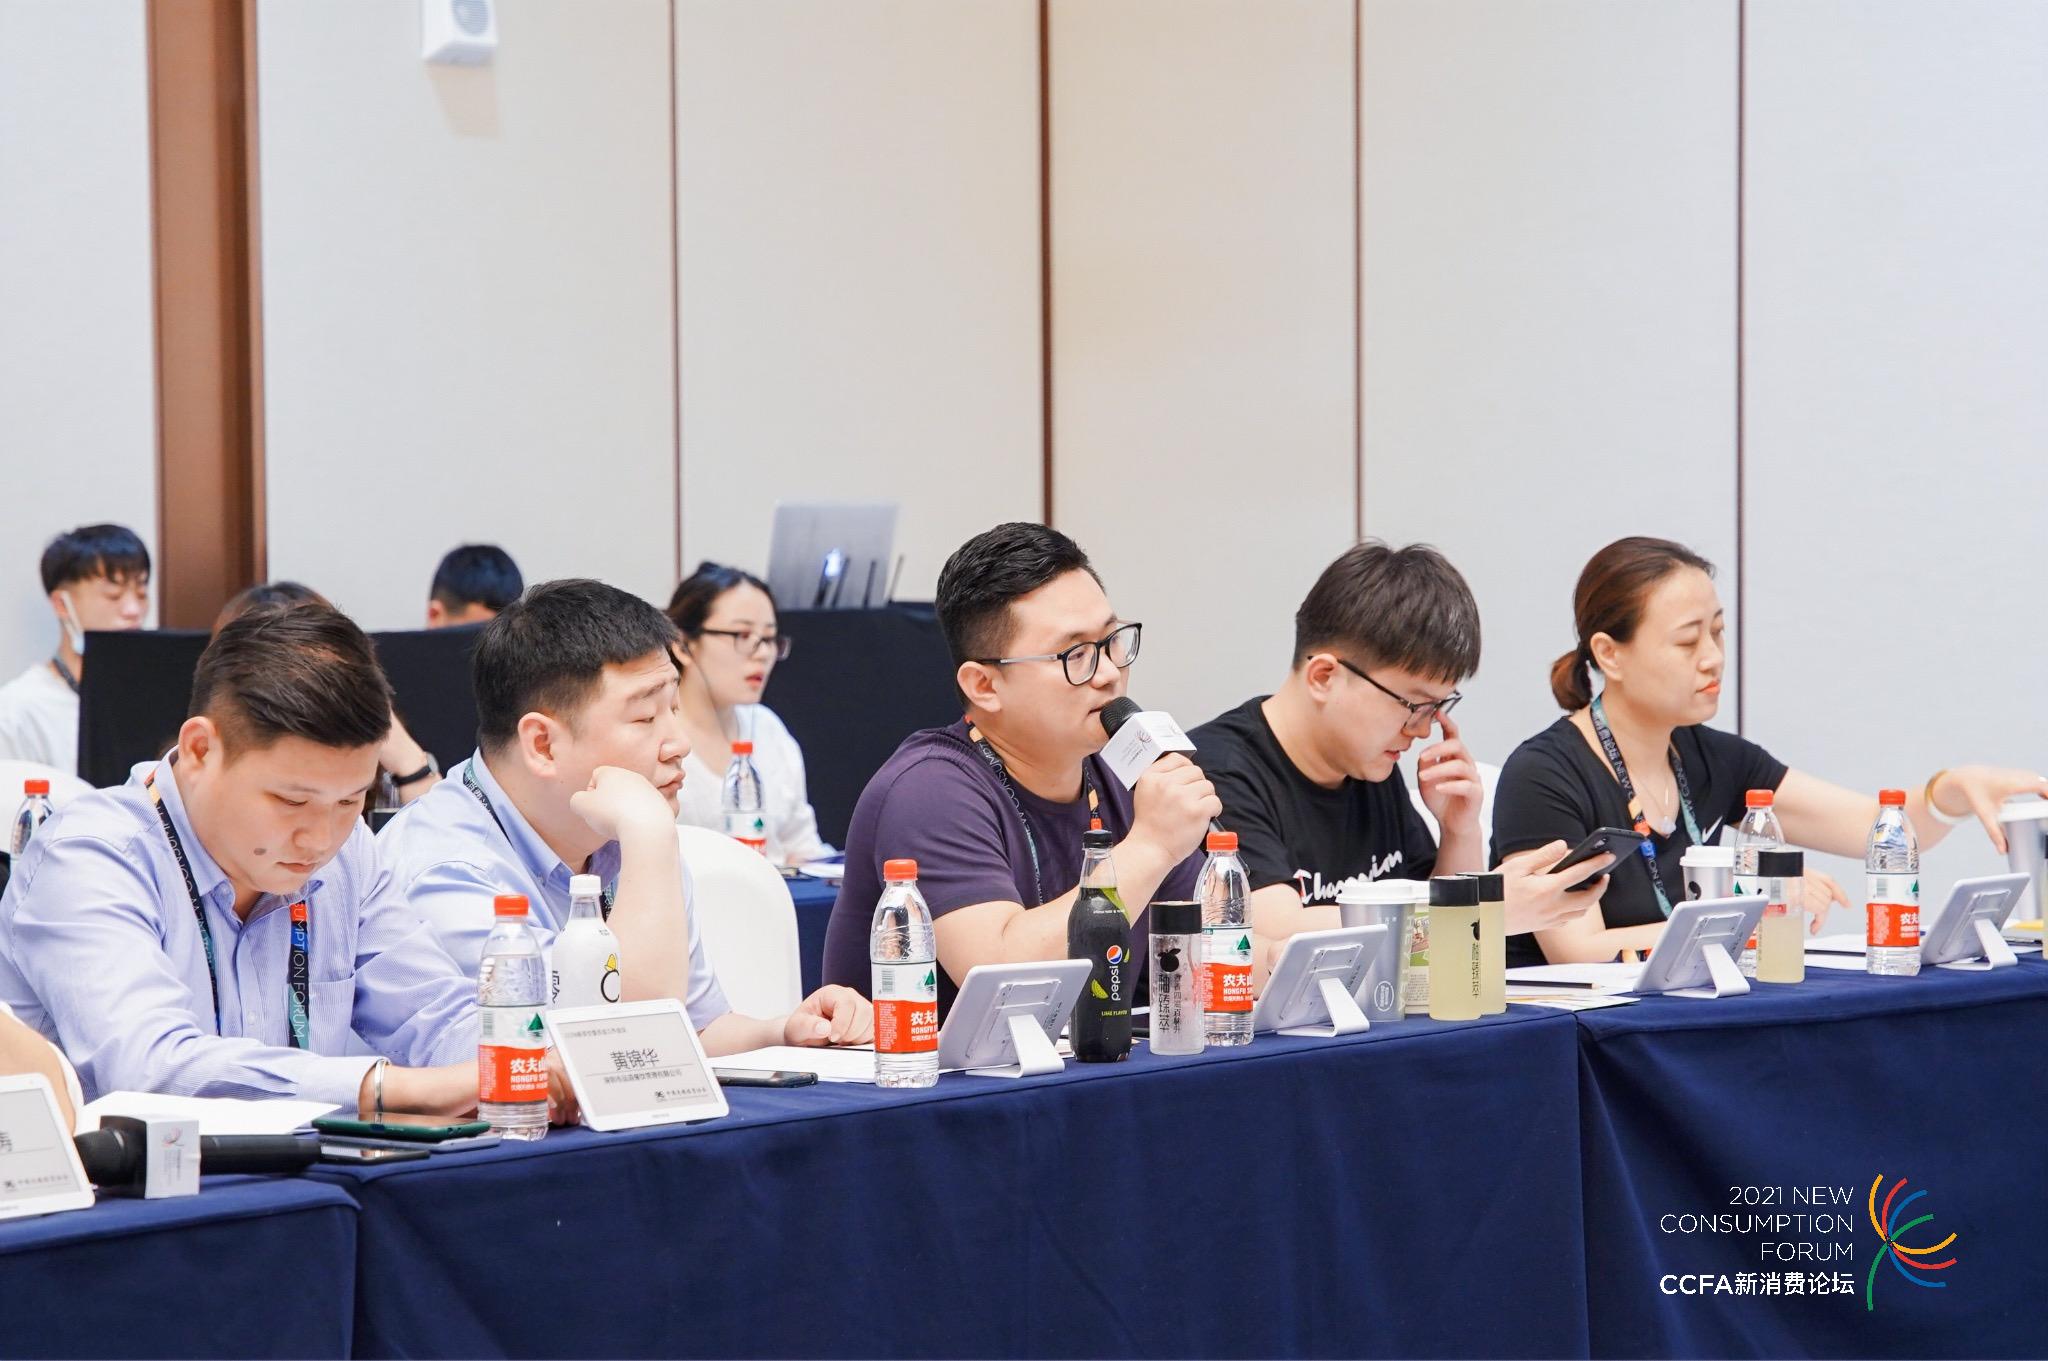 莫沫南路当选中国连锁协会新茶饮委员会第一届委员